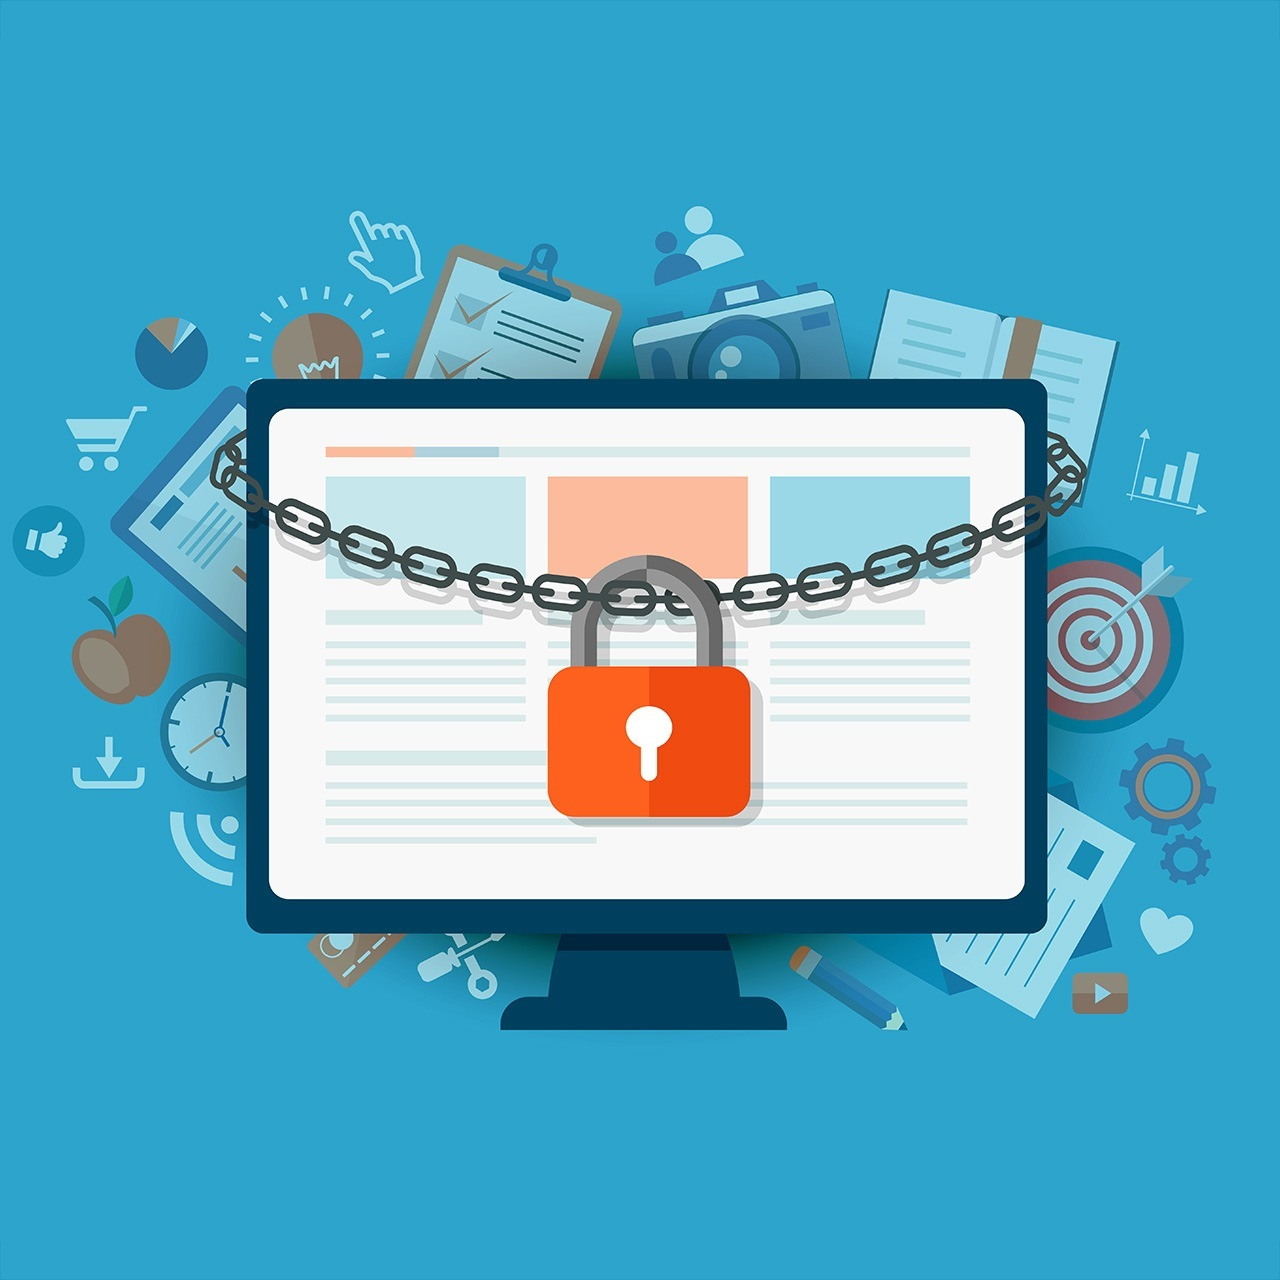 Как защитить личные данные в Интернете: 10 советов